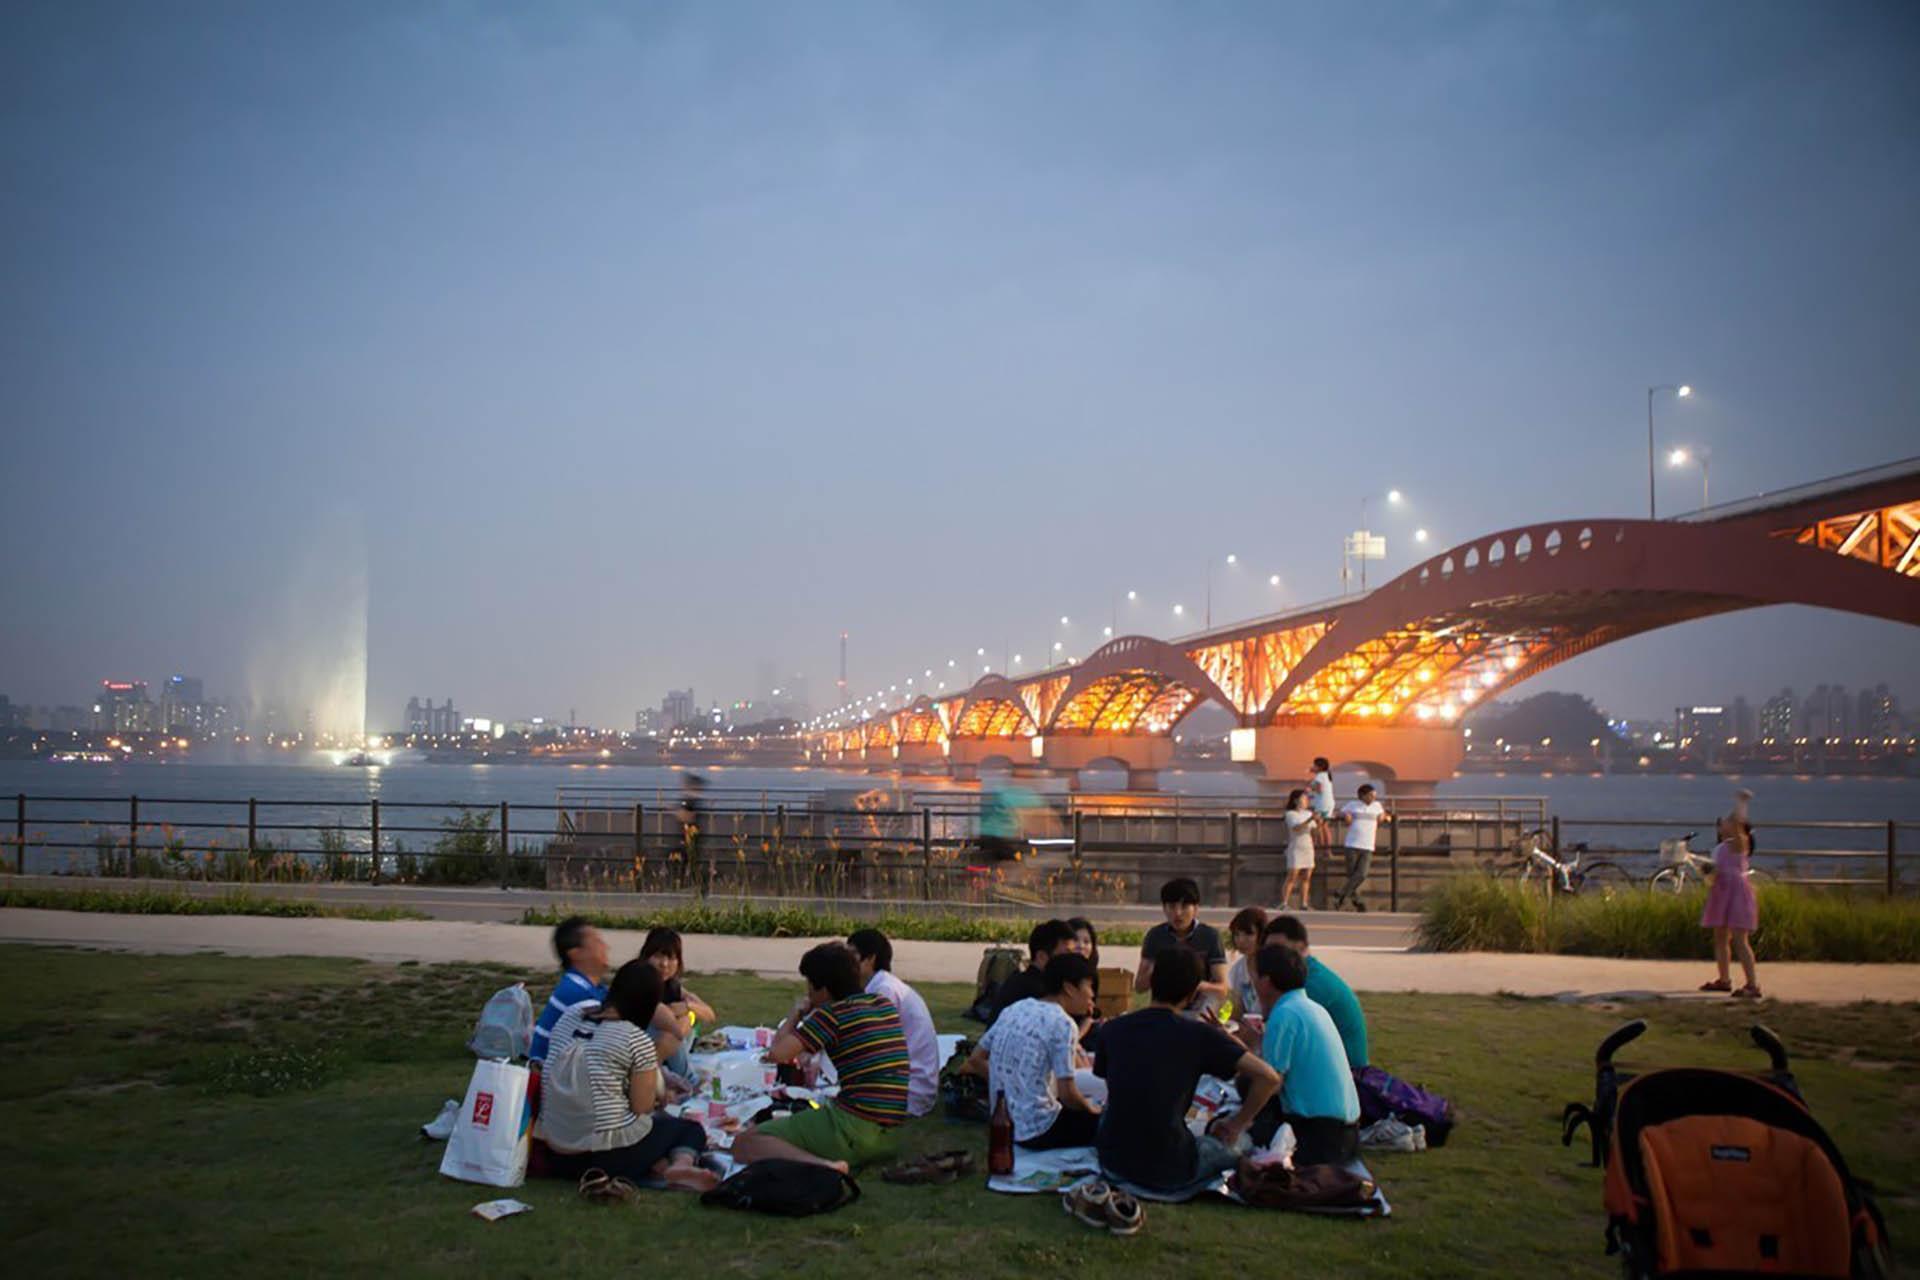 yeouido hangang park fun picnic night out